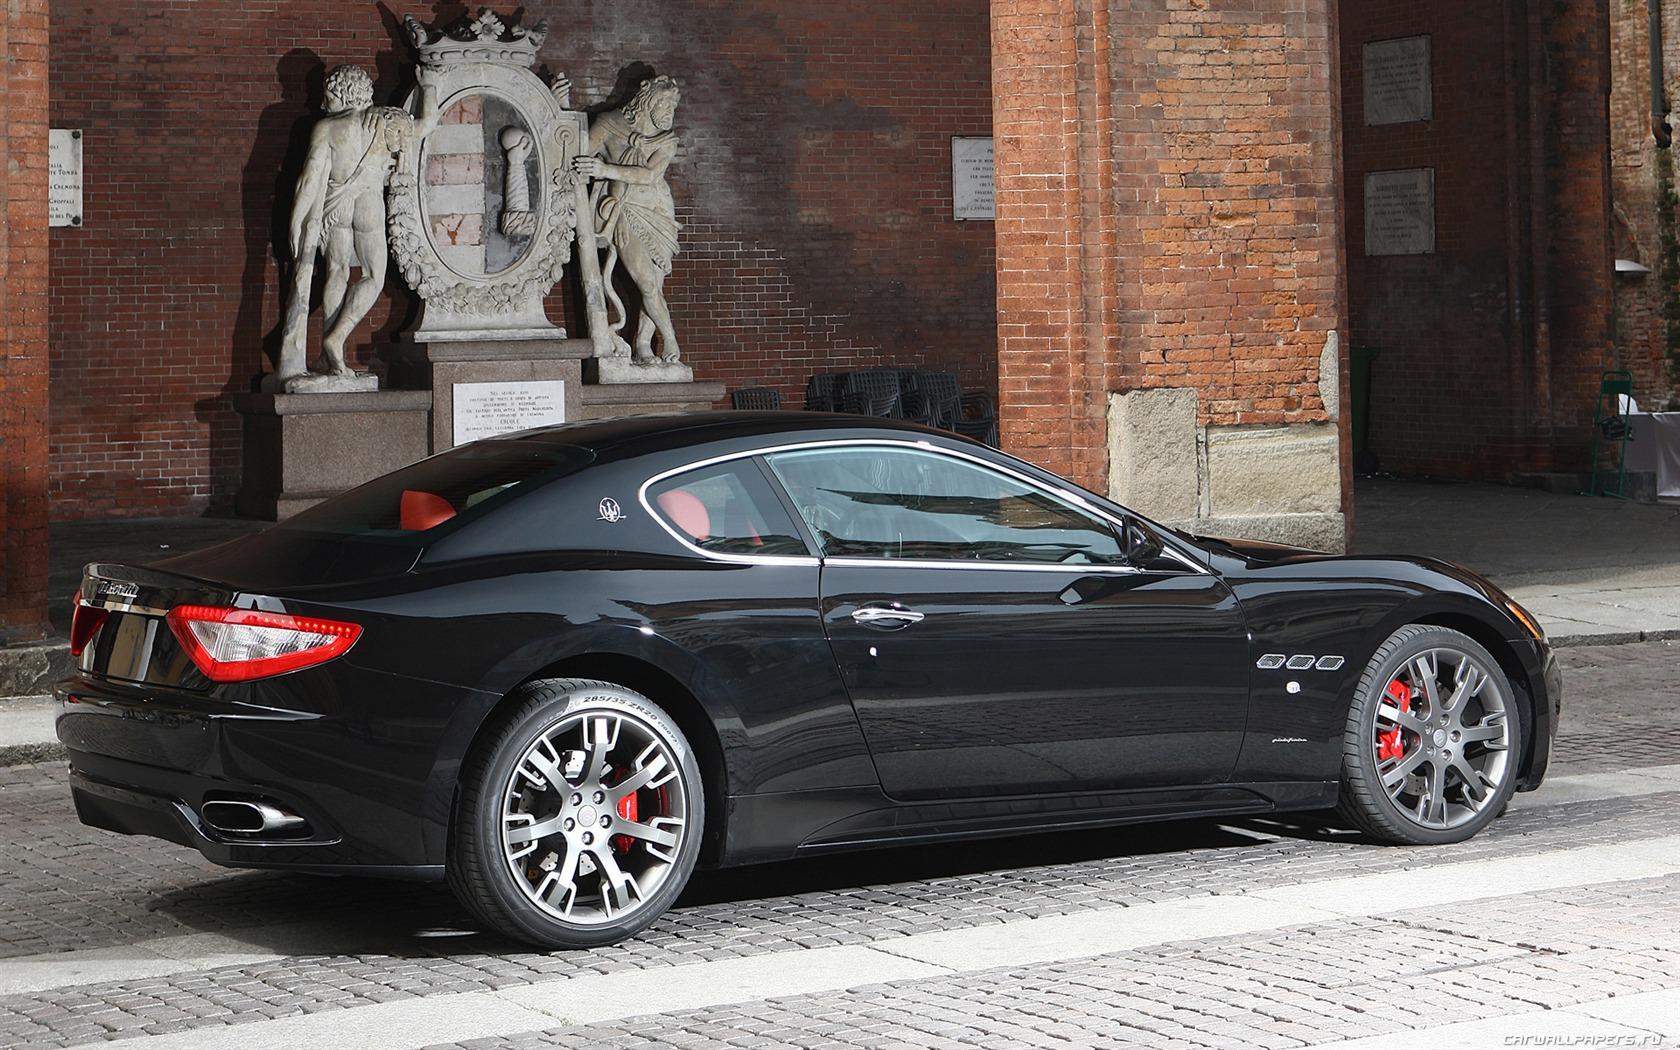 Maserati GranTurismo S - 2008 瑪莎拉蒂 #15 - 1680x1050 壁紙 ...